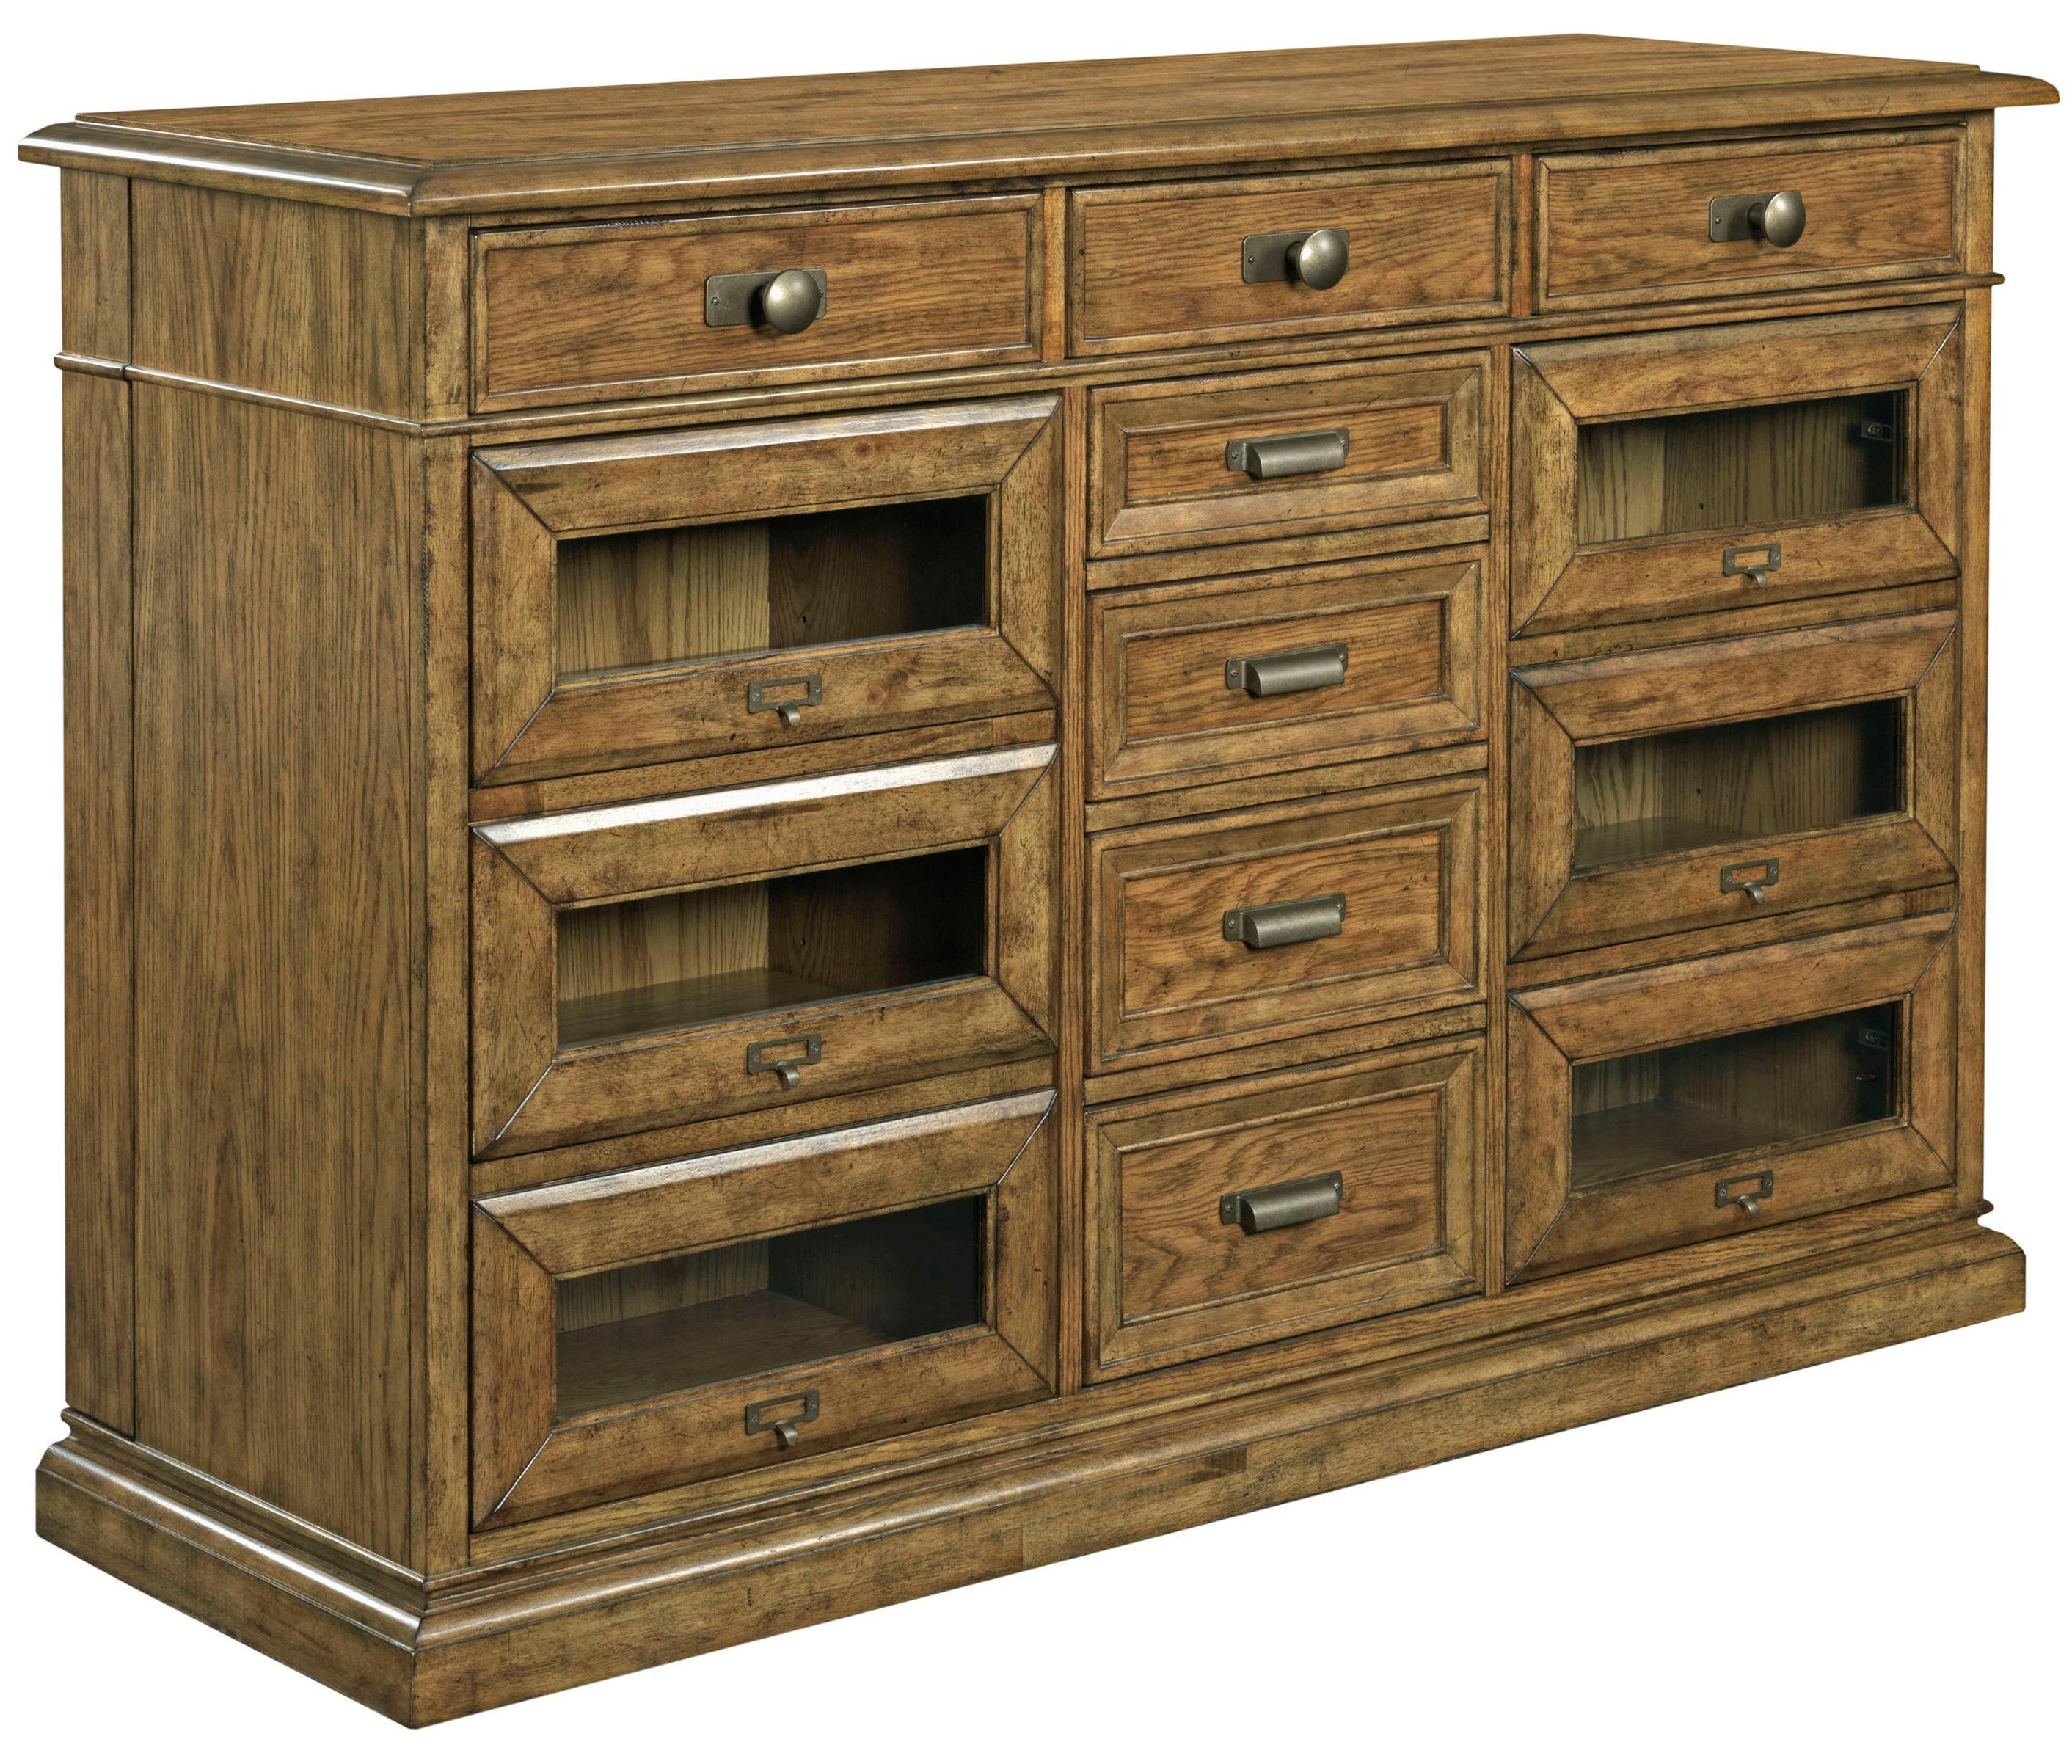 Broyhill Furniture New Vintage Server - Item Number: 4808-513